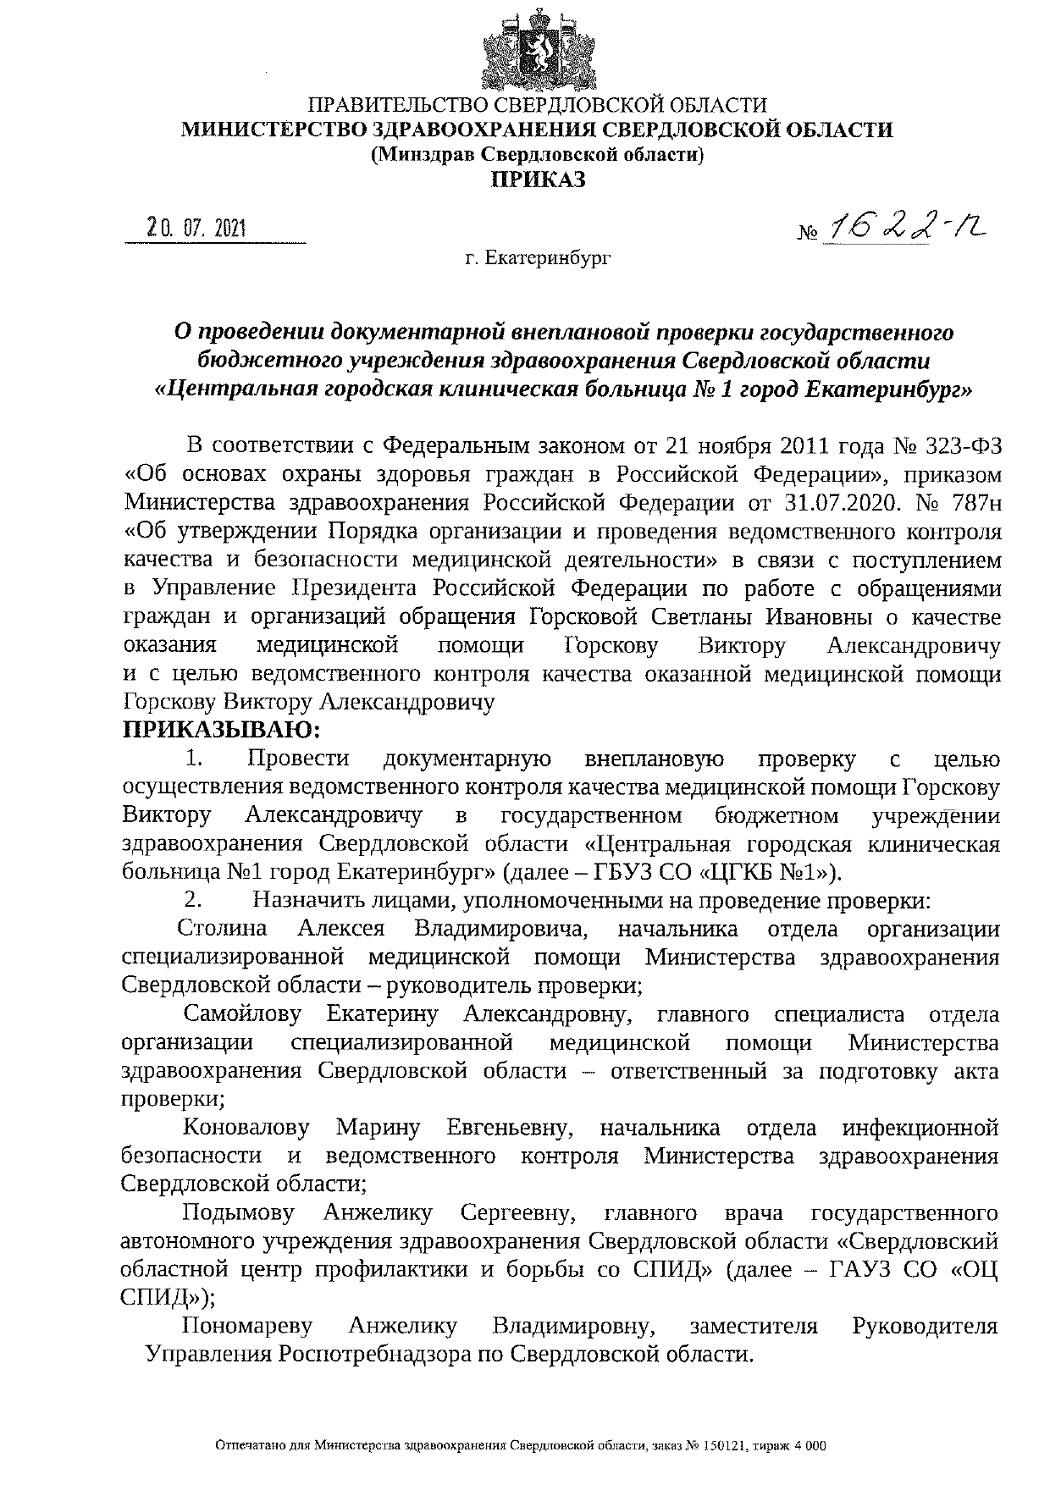 Минздрав проверяет ЦГКБ №1 после жалобы екатеринбуржца на заражение ВИЧ